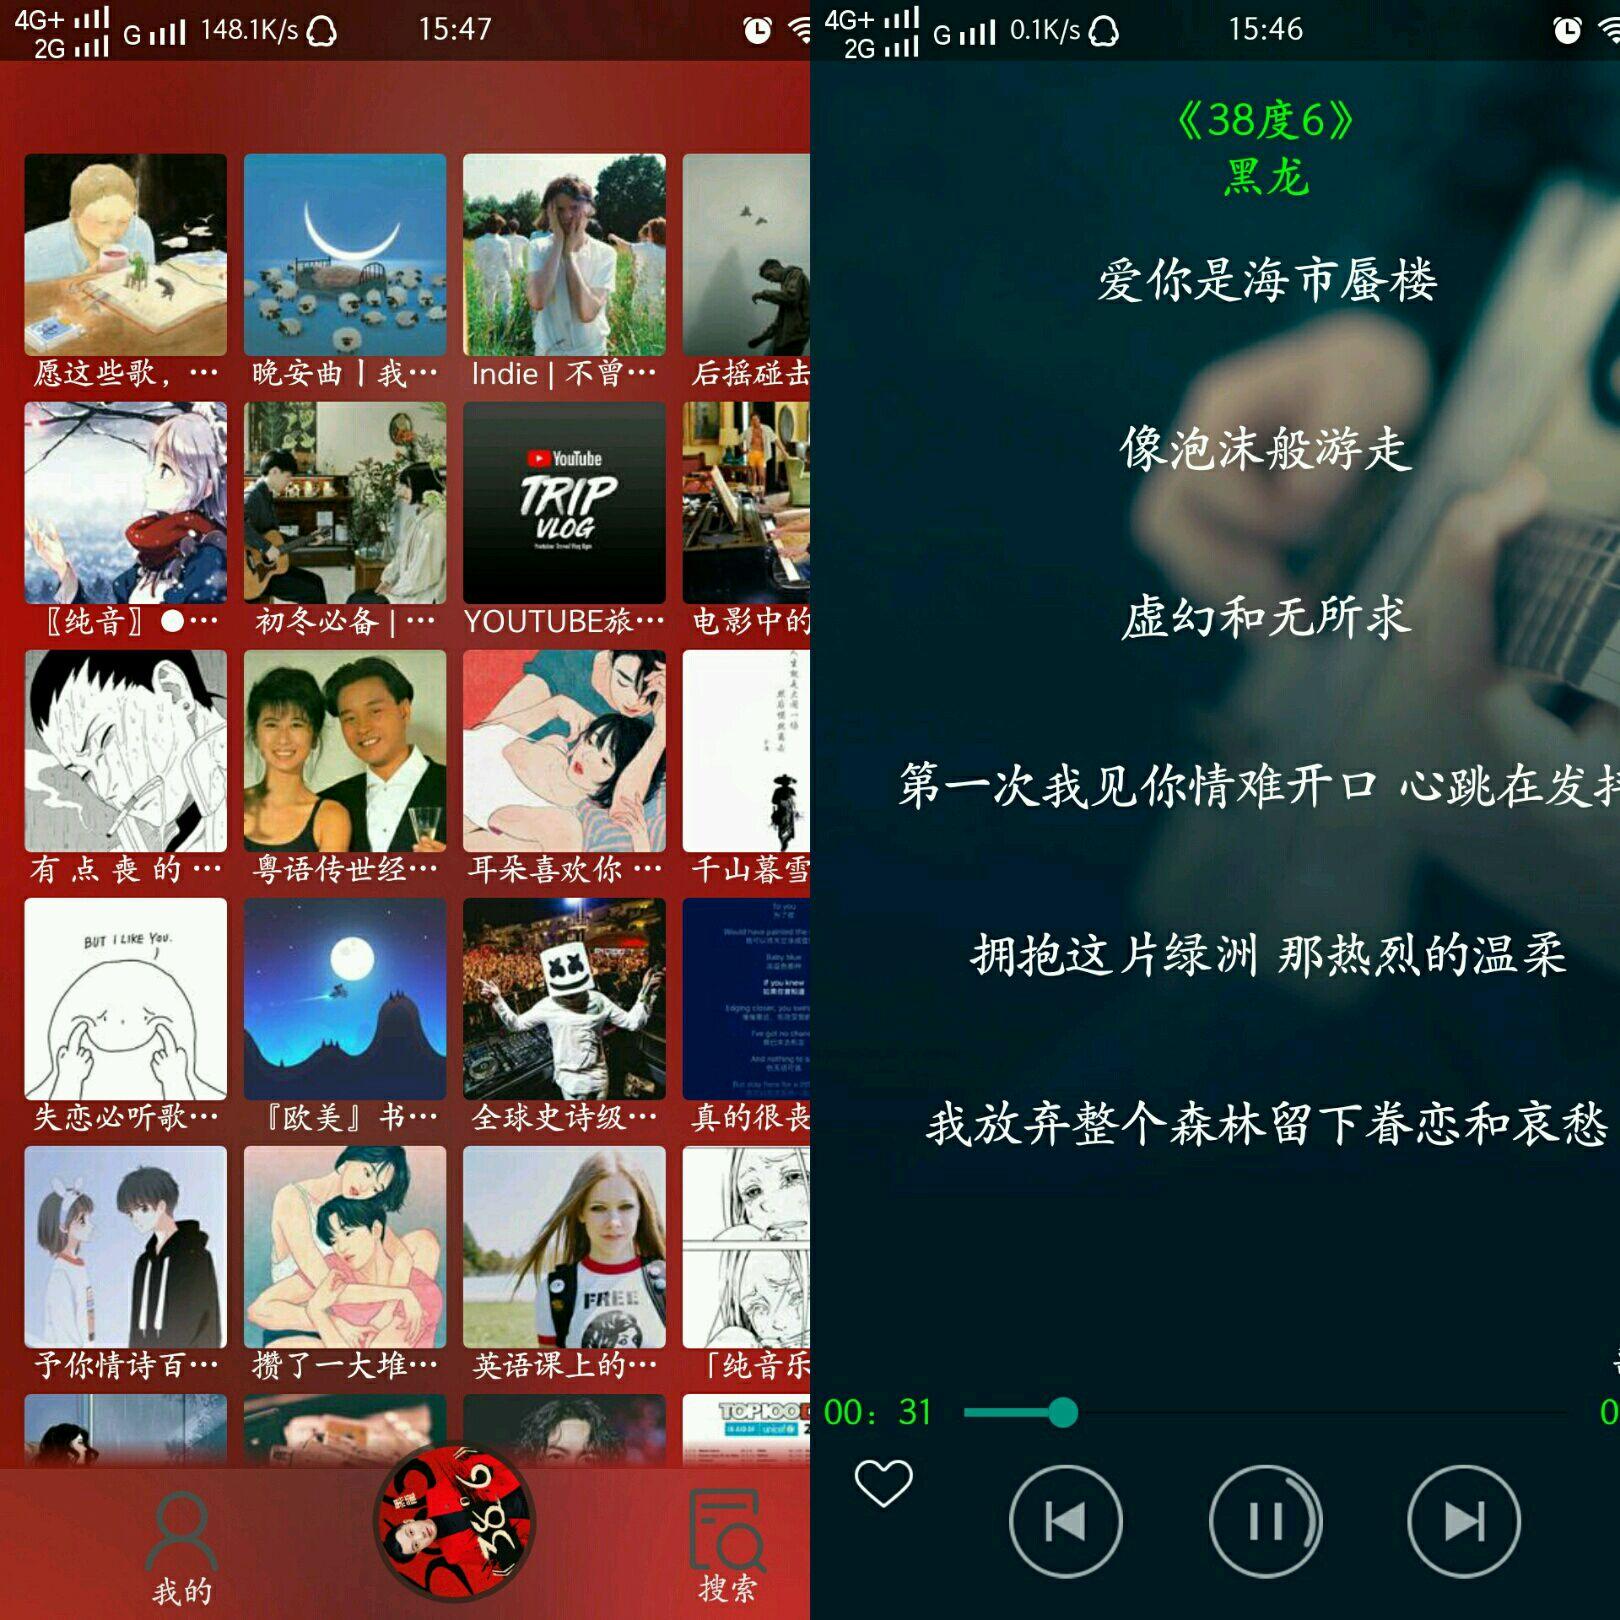 搜云音乐2.13去广告版